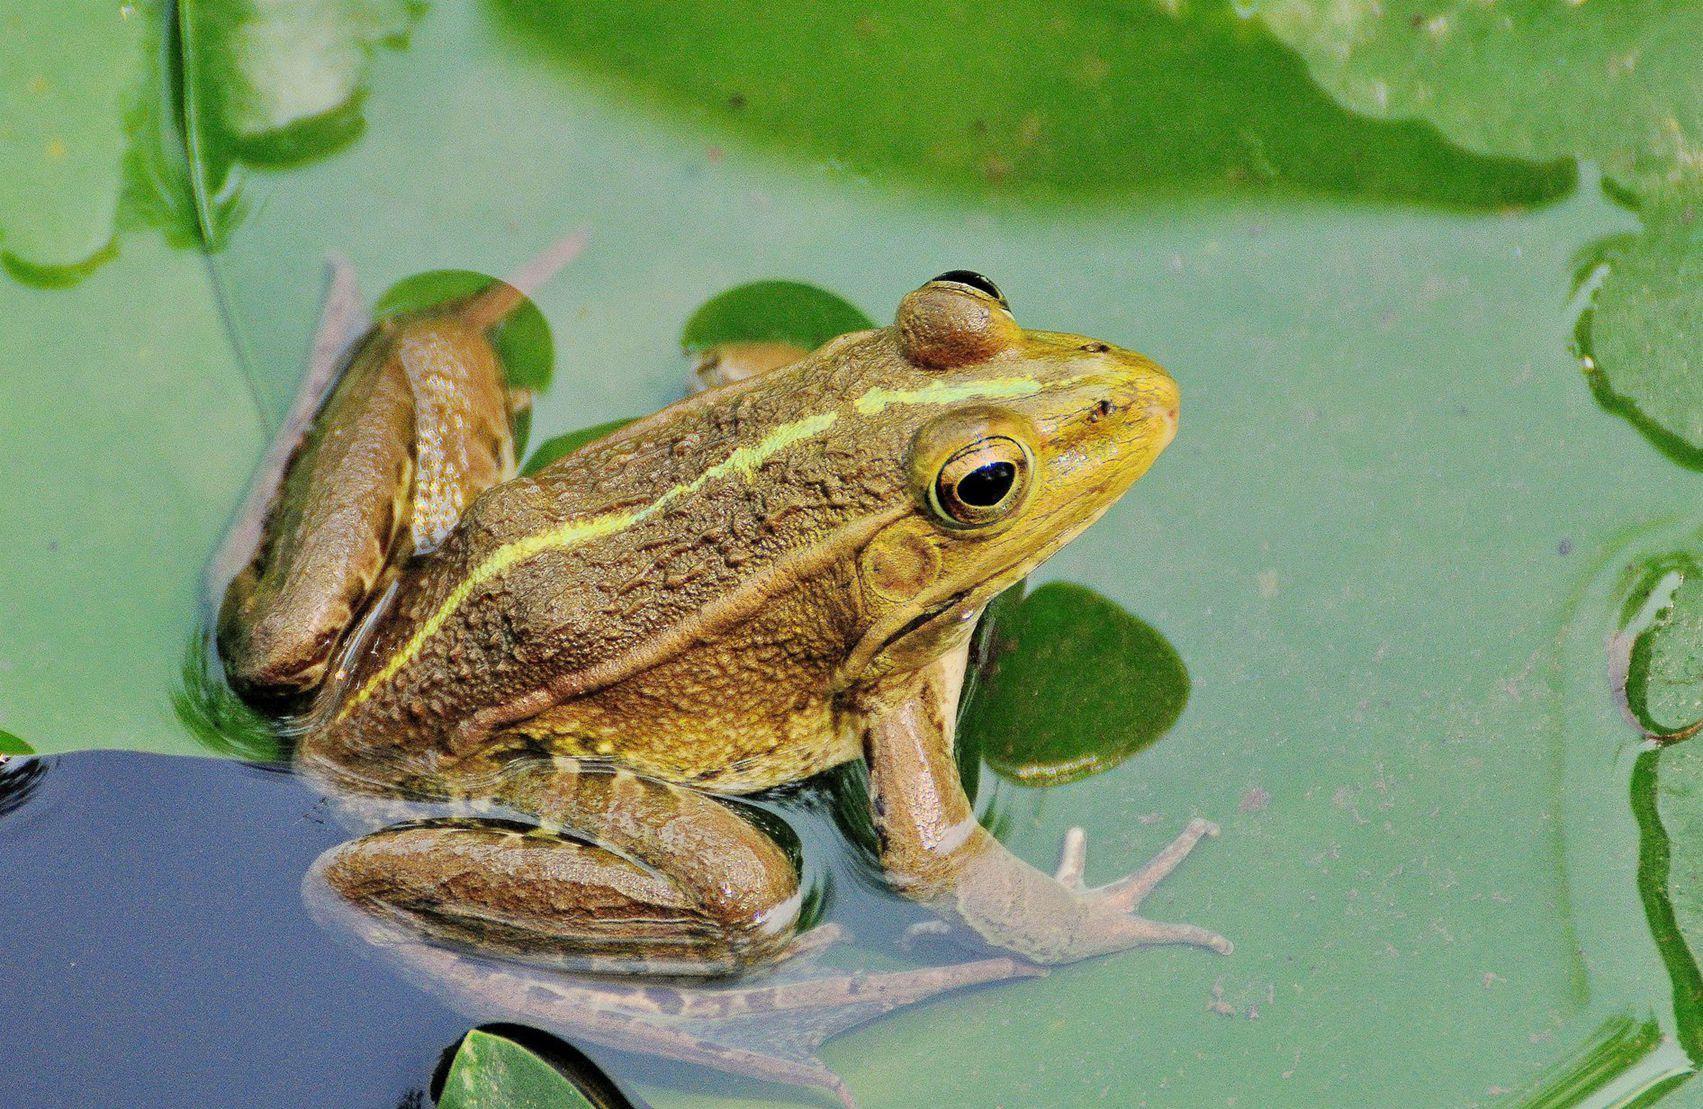 青蛙有没有脊椎